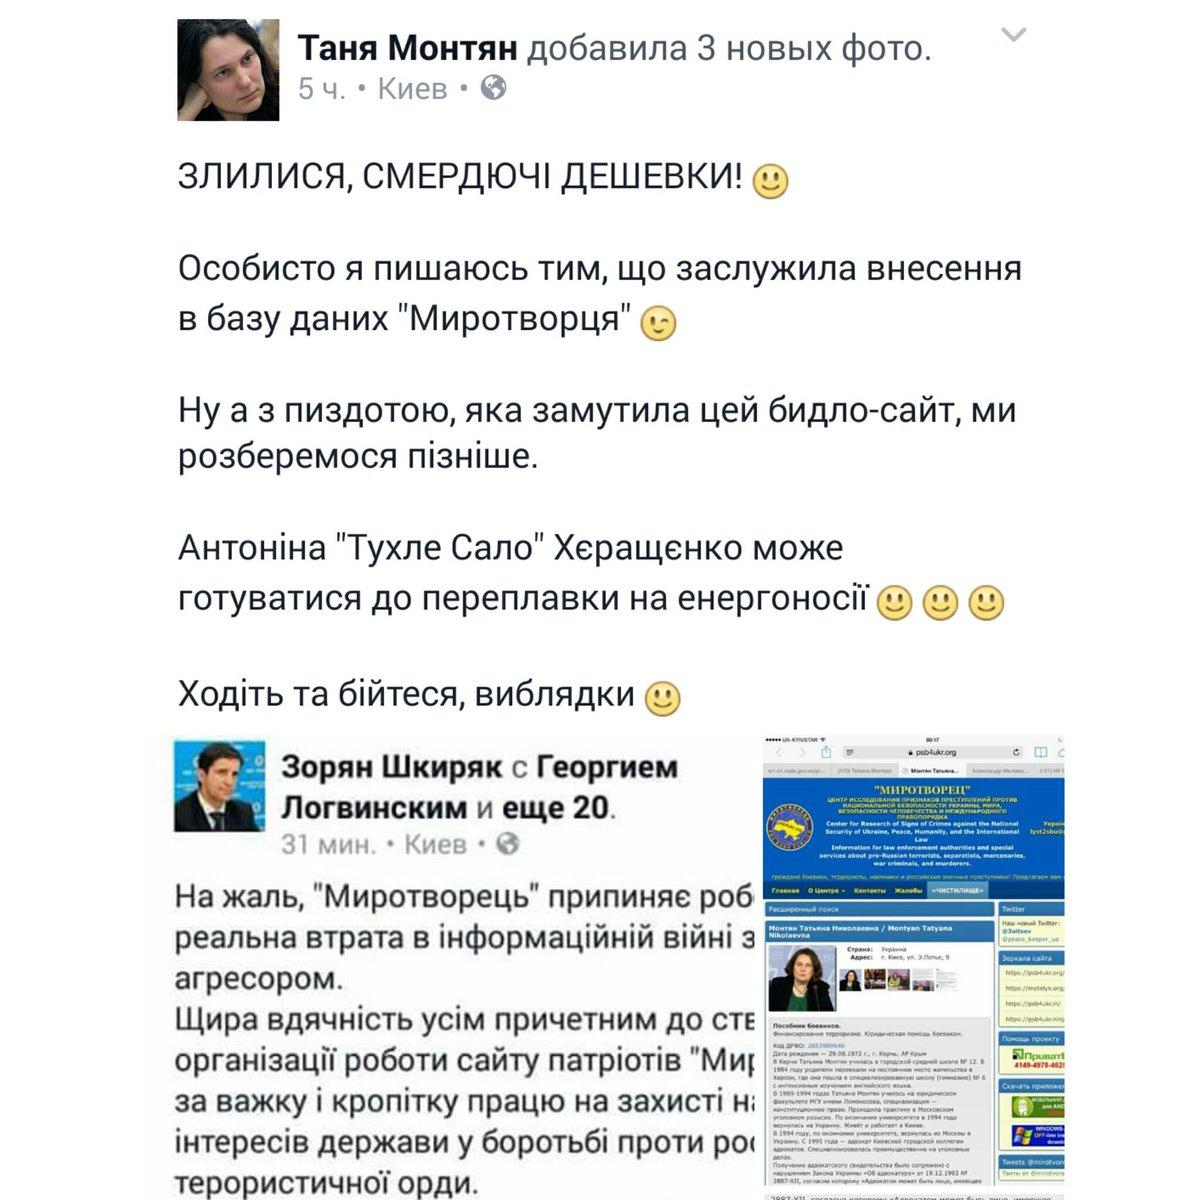 """На Луганщине до сих пор не начато строительство """"стены"""" на украинско-российской границе, - Тука - Цензор.НЕТ 8668"""